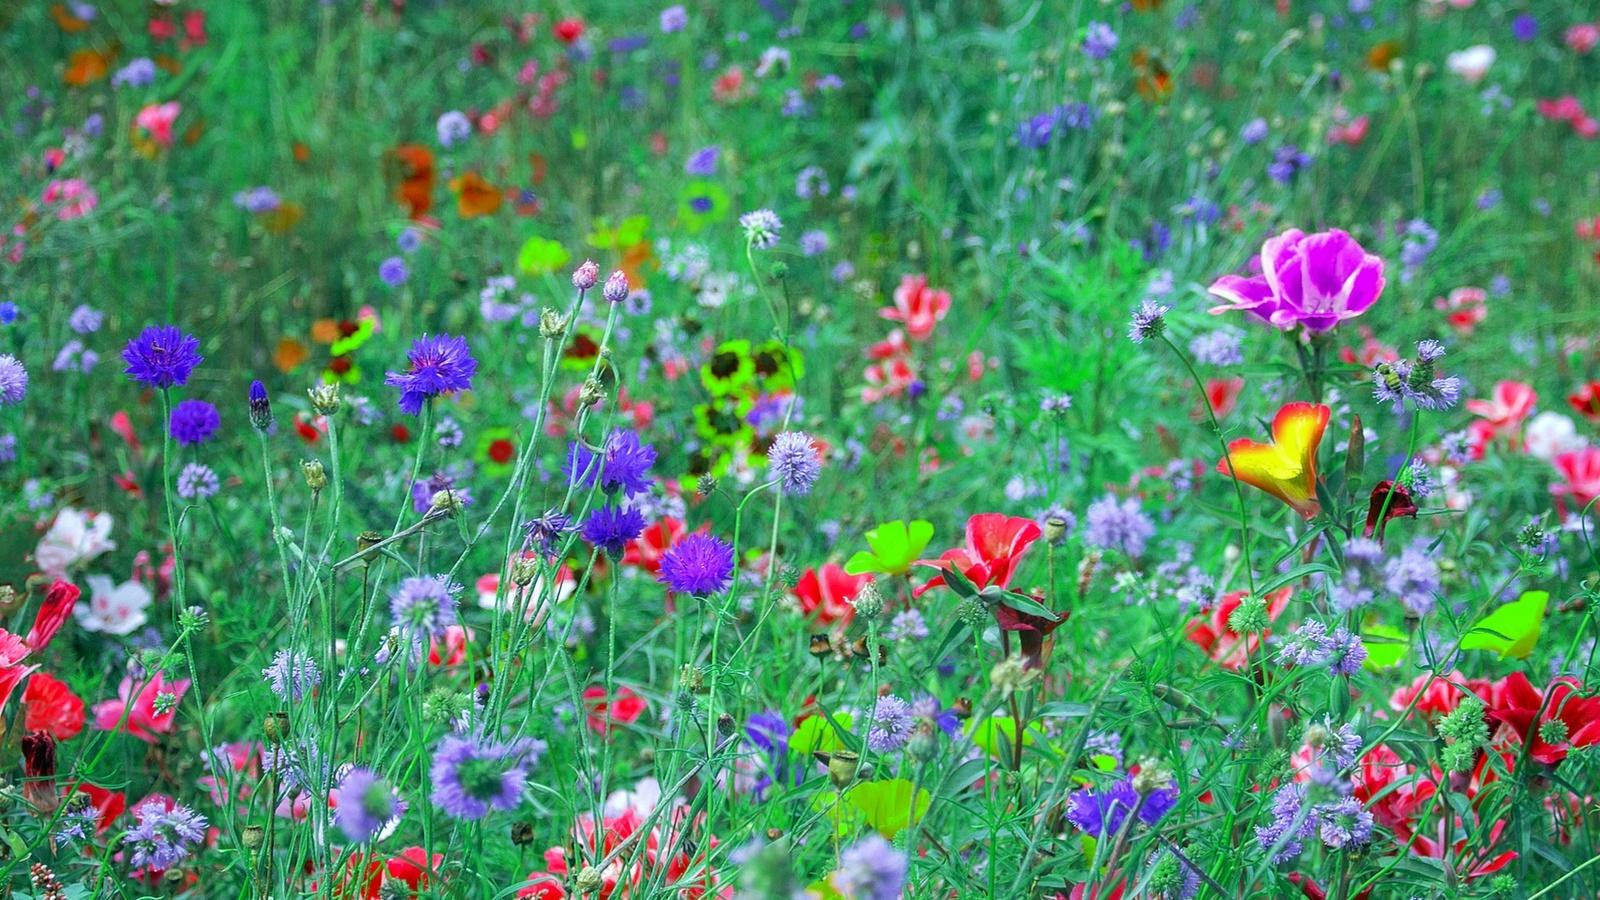 картинки много цветов на лугу нашла просторах